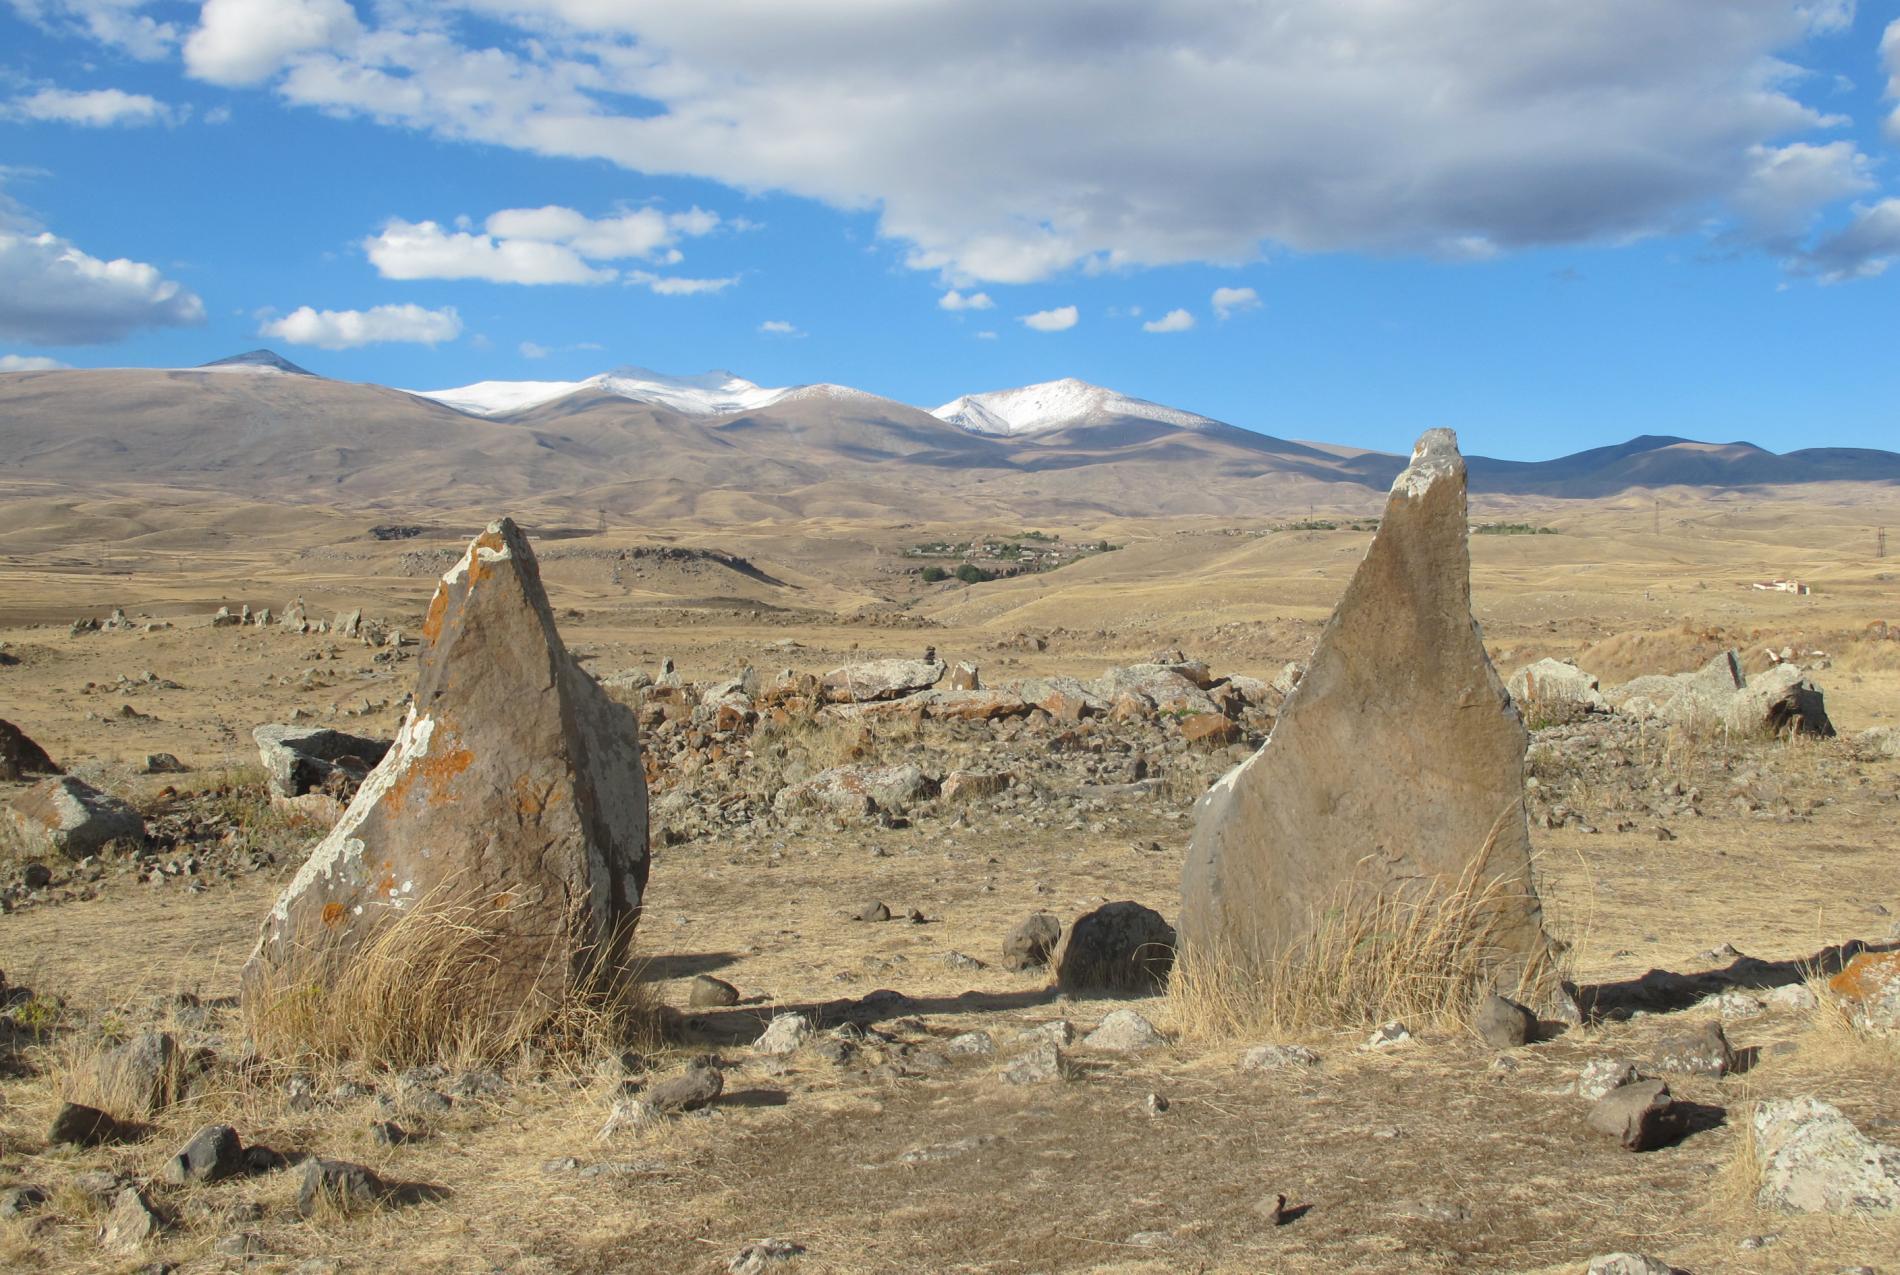 Voyage solidaire Arménie : Vision du Monde - Photo 2